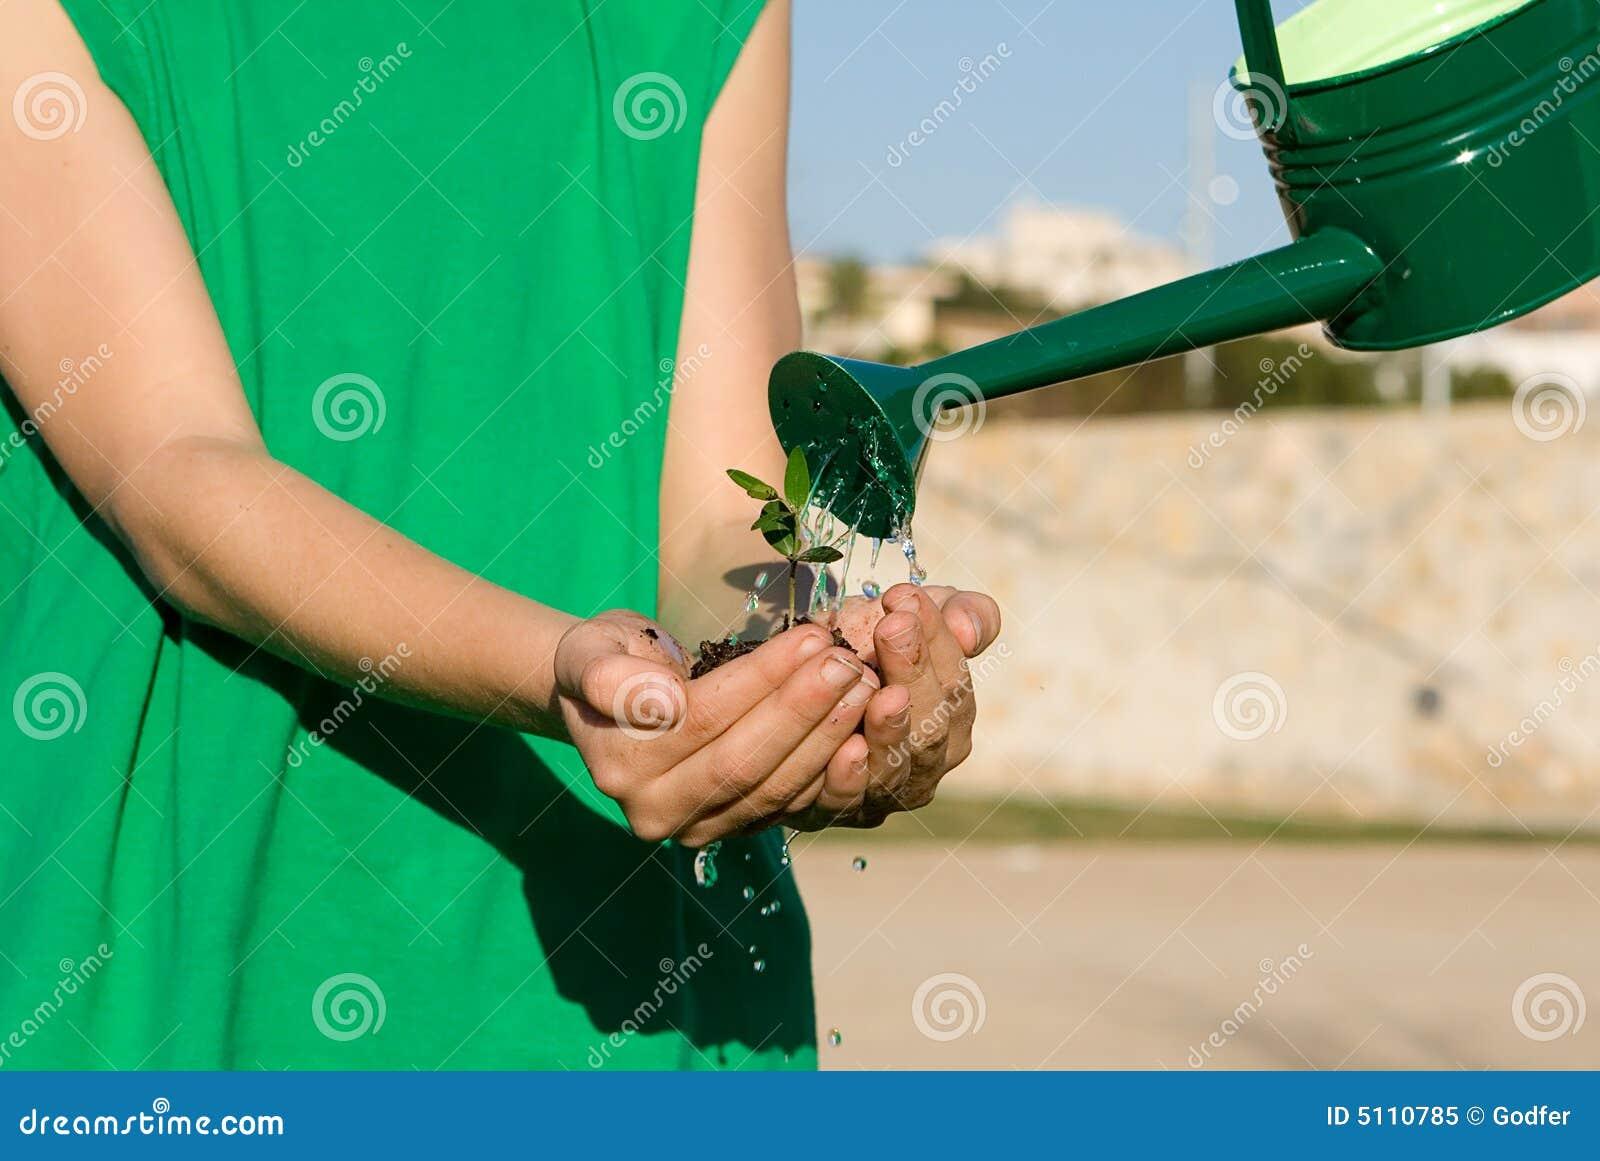 Planta de riego del niño en mano ahuecada